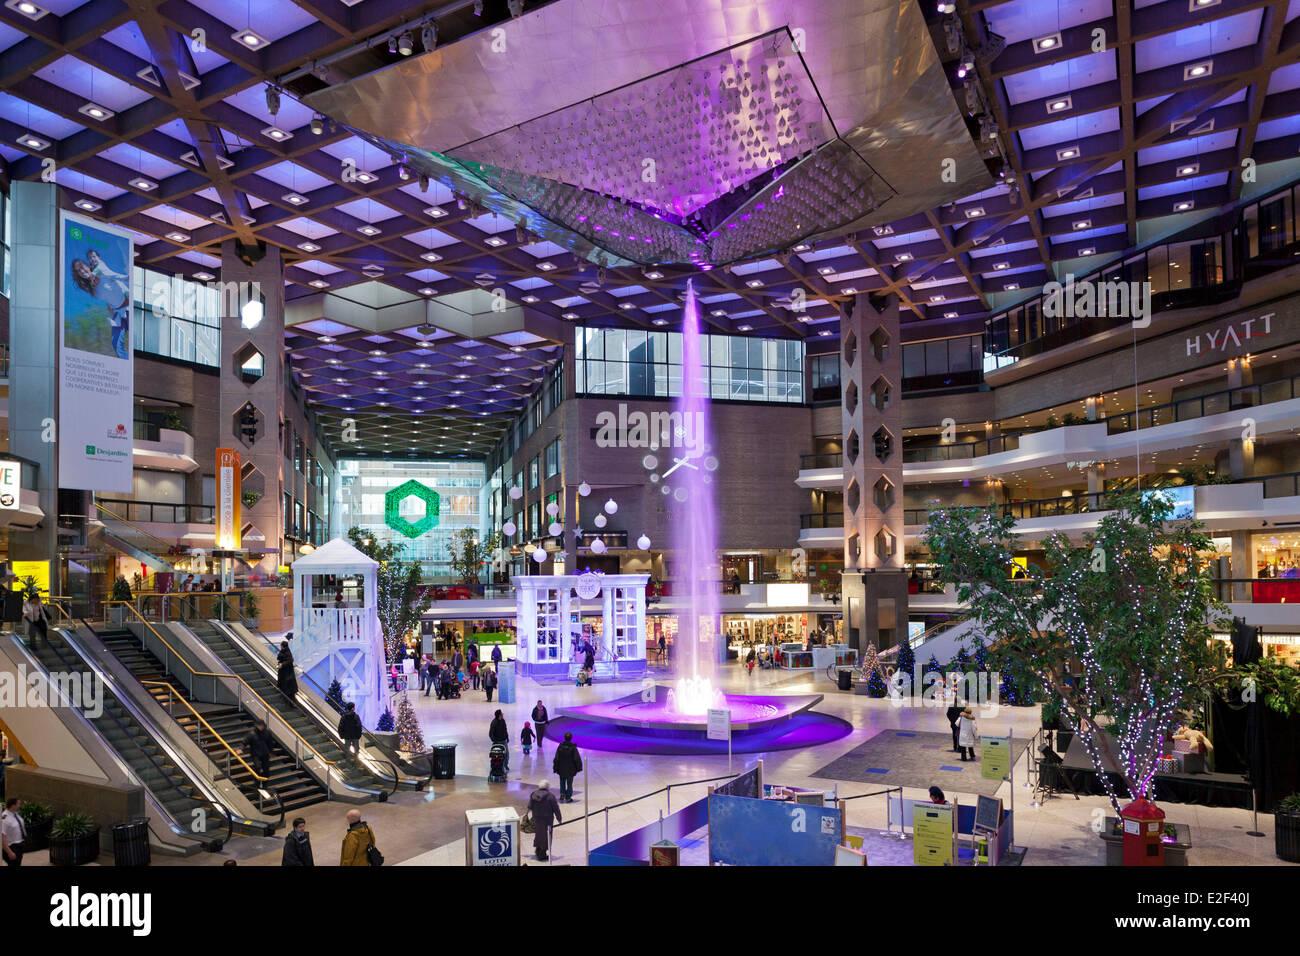 Canada, Provincia di Quebec, Montreal, la città sotterranea, il centro commerciale Complexe Desjardins Immagini Stock